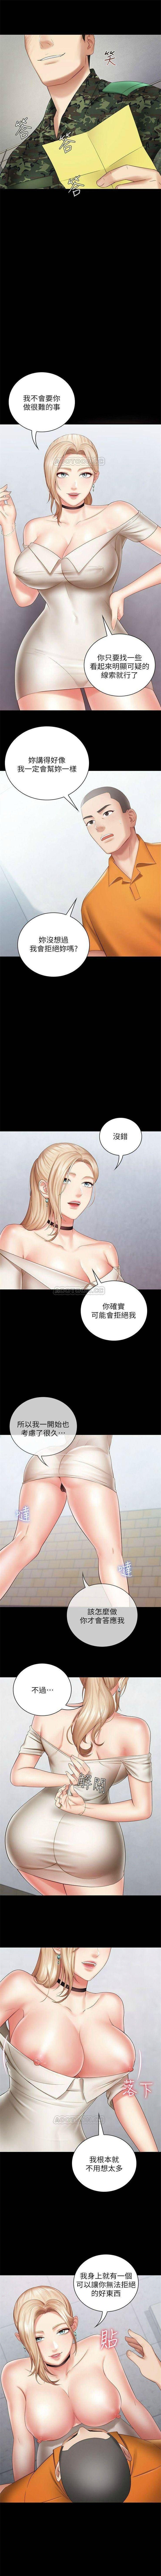 (週6)妹妹的義務 1-19 中文翻譯(更新中) 140